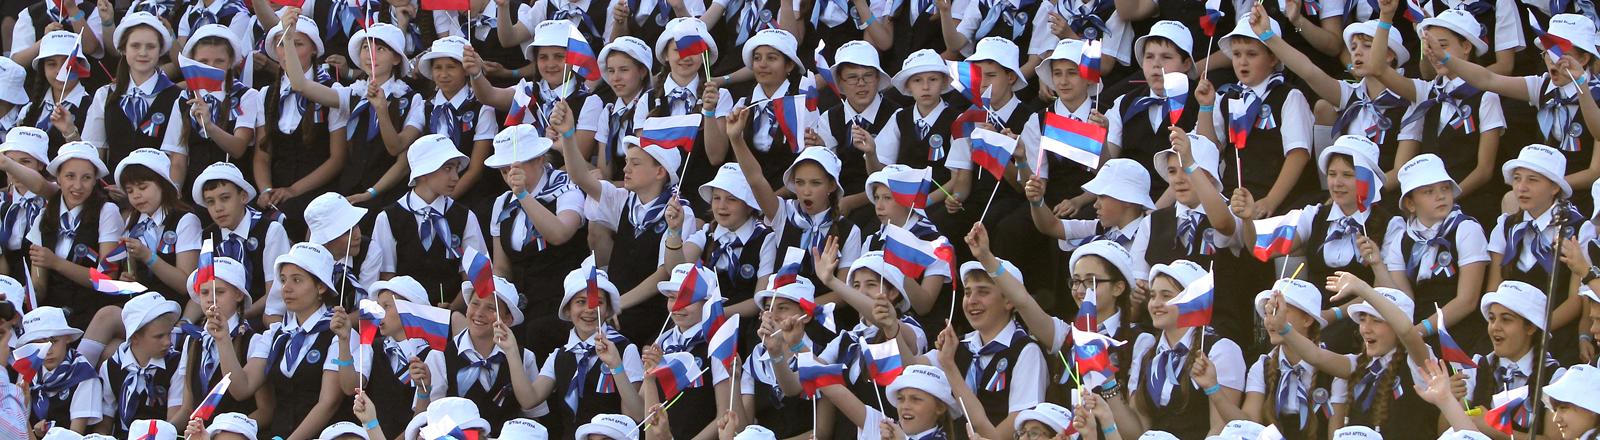 Kinder in Jalta jubeln während des russischen Nationalfeiertags.